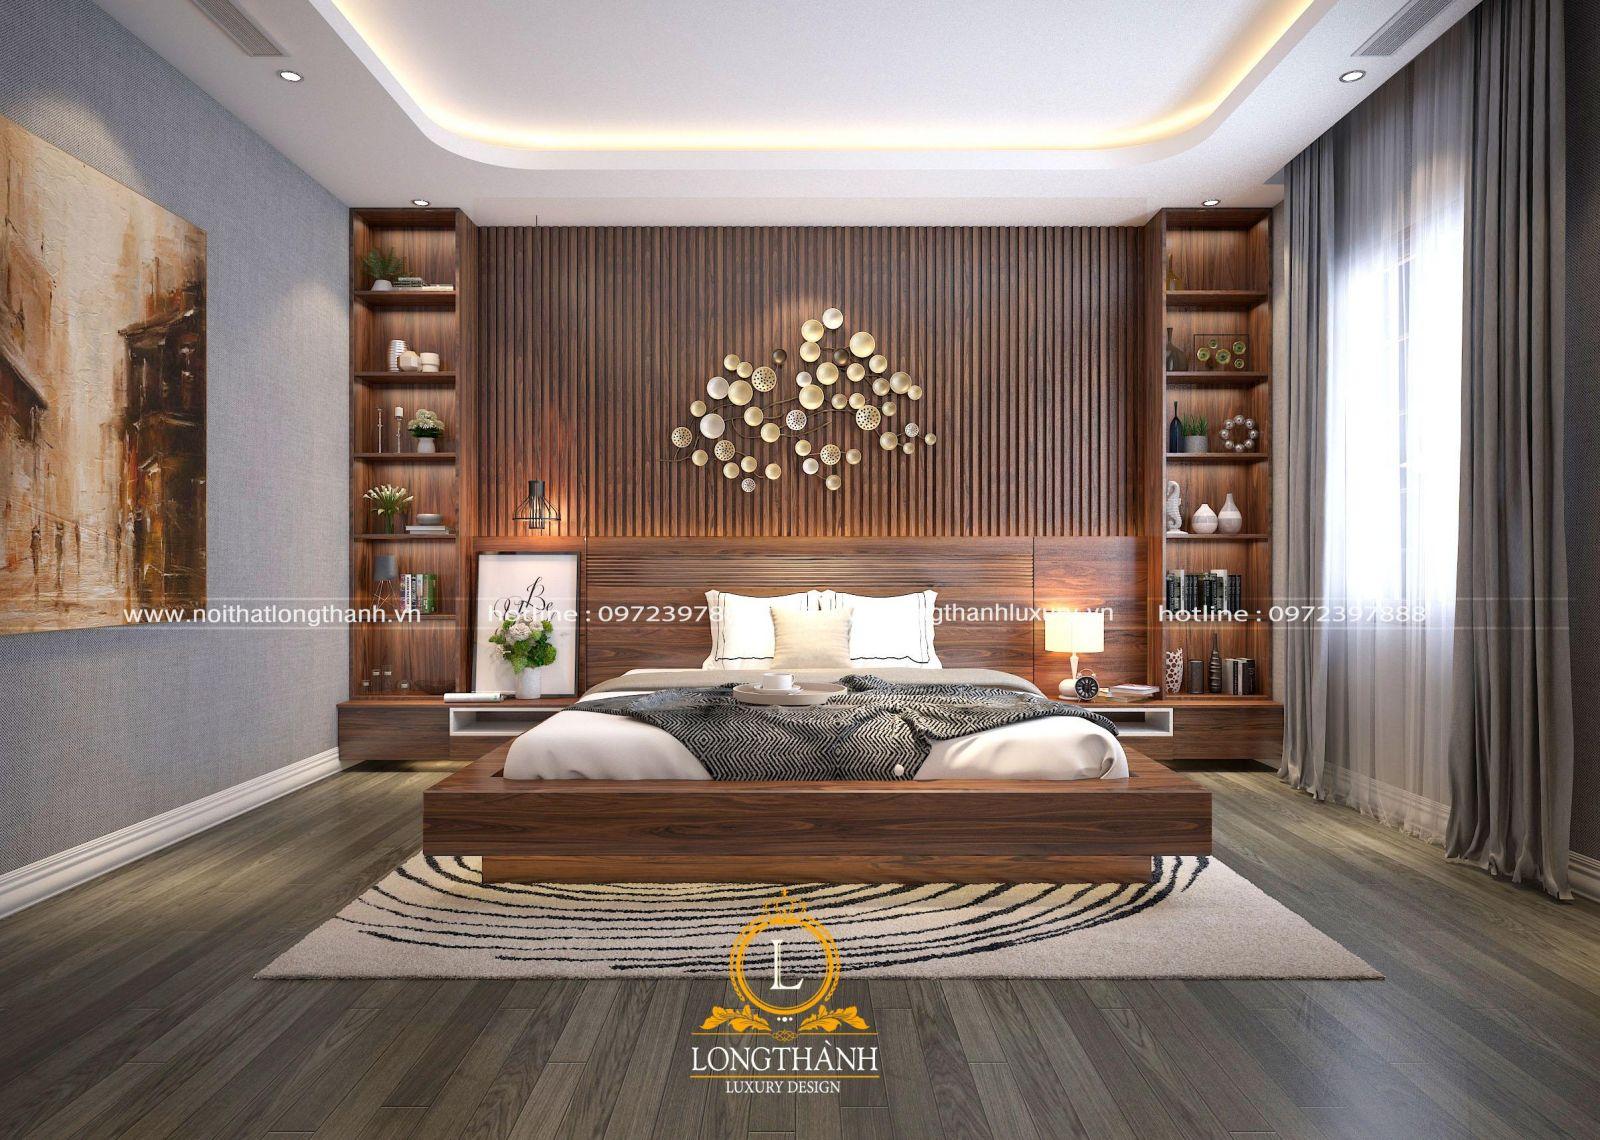 Phòng ngủ hiện đại với nội thất gỗ tự nhiên trầm ấm